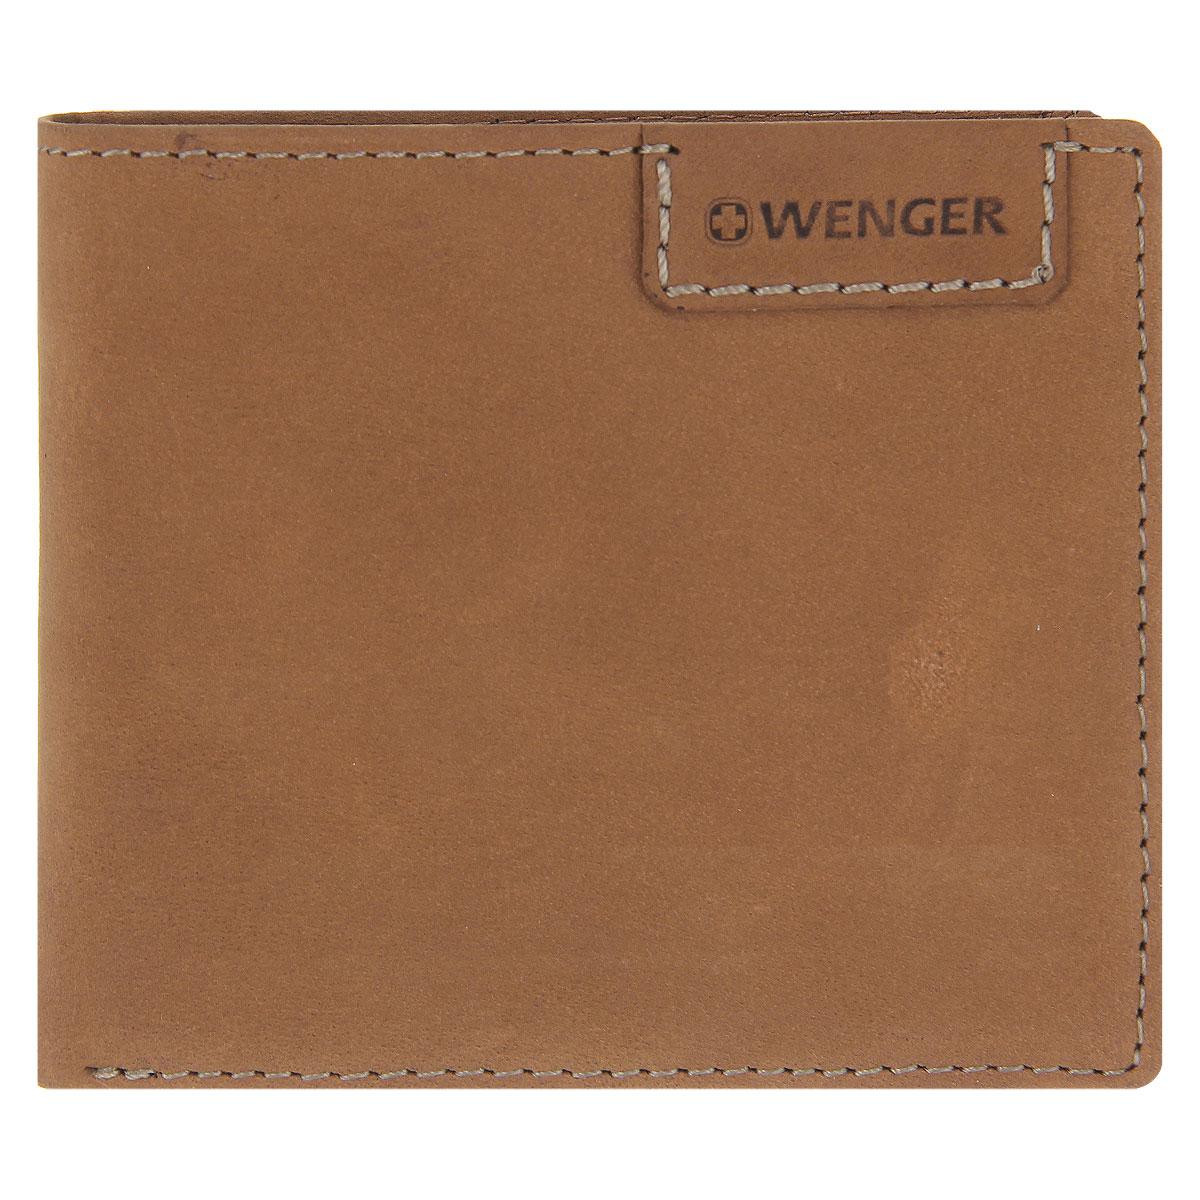 Портмоне мужское Wenger, цвет: коричневый. W11-11W11-11BROWNСтильное мужское портмоне Wenger изготовлено из натурального нубука и оформлено декоративной прострочкой, а также тиснениями в виде логотипа и названия бренда на лицевой стороне. Внутри - одно отделение для купюр, отсек для мелочи на замке-кнопке, два боковых кармана и четыре прорези для визиток и кредитных карт, а также перекидной блок (с сетчатым карманом для фото, четырьмя прорезями и одним боковым карманом). Изюминкой модели является съемный блок из мягкого прозрачного пластика на пять визиток. Портмоне упаковано в изысканную фирменную коробку. Модное портмоне Wenger не оставит равнодушным истинного ценителя прекрасного. По всем вопросам гарантийного и постгарантийного обслуживания рюкзаков, чемоданов, спортивных и кожаных сумок, а также портмоне марок Wenger и SwissGear вы можете обратиться в сервис-центр, расположенный по адресу: г. Москва, Саввинская набережная, д.3. Тел: (495) 788-39-96, (499) 248-56-56, ежедневно с 9:00 до 21:00. Подробные...